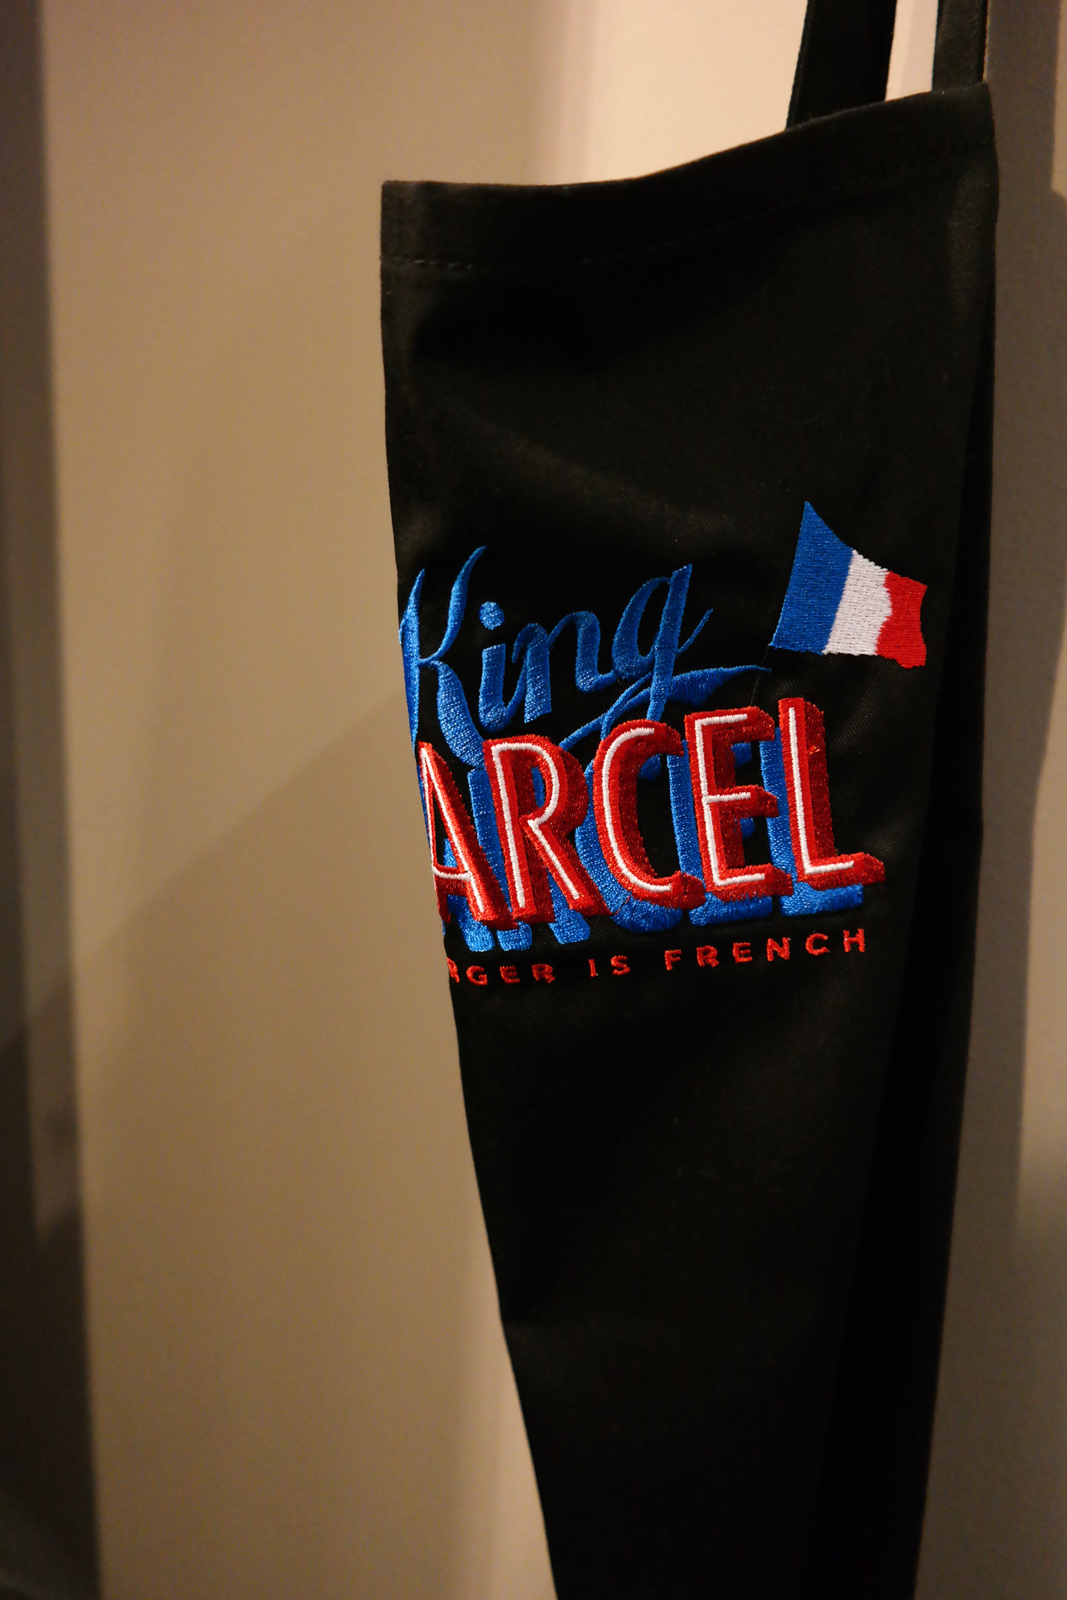 King-Marcel-tablier-chef-restaurant-Grands-Boulevards-Paris-166-Rue-Montmatre-2e-my-burger-is-french-nouveau-Lyon-rue-mercière-part-dieu-photo-blog-united-states-of-paris-blog